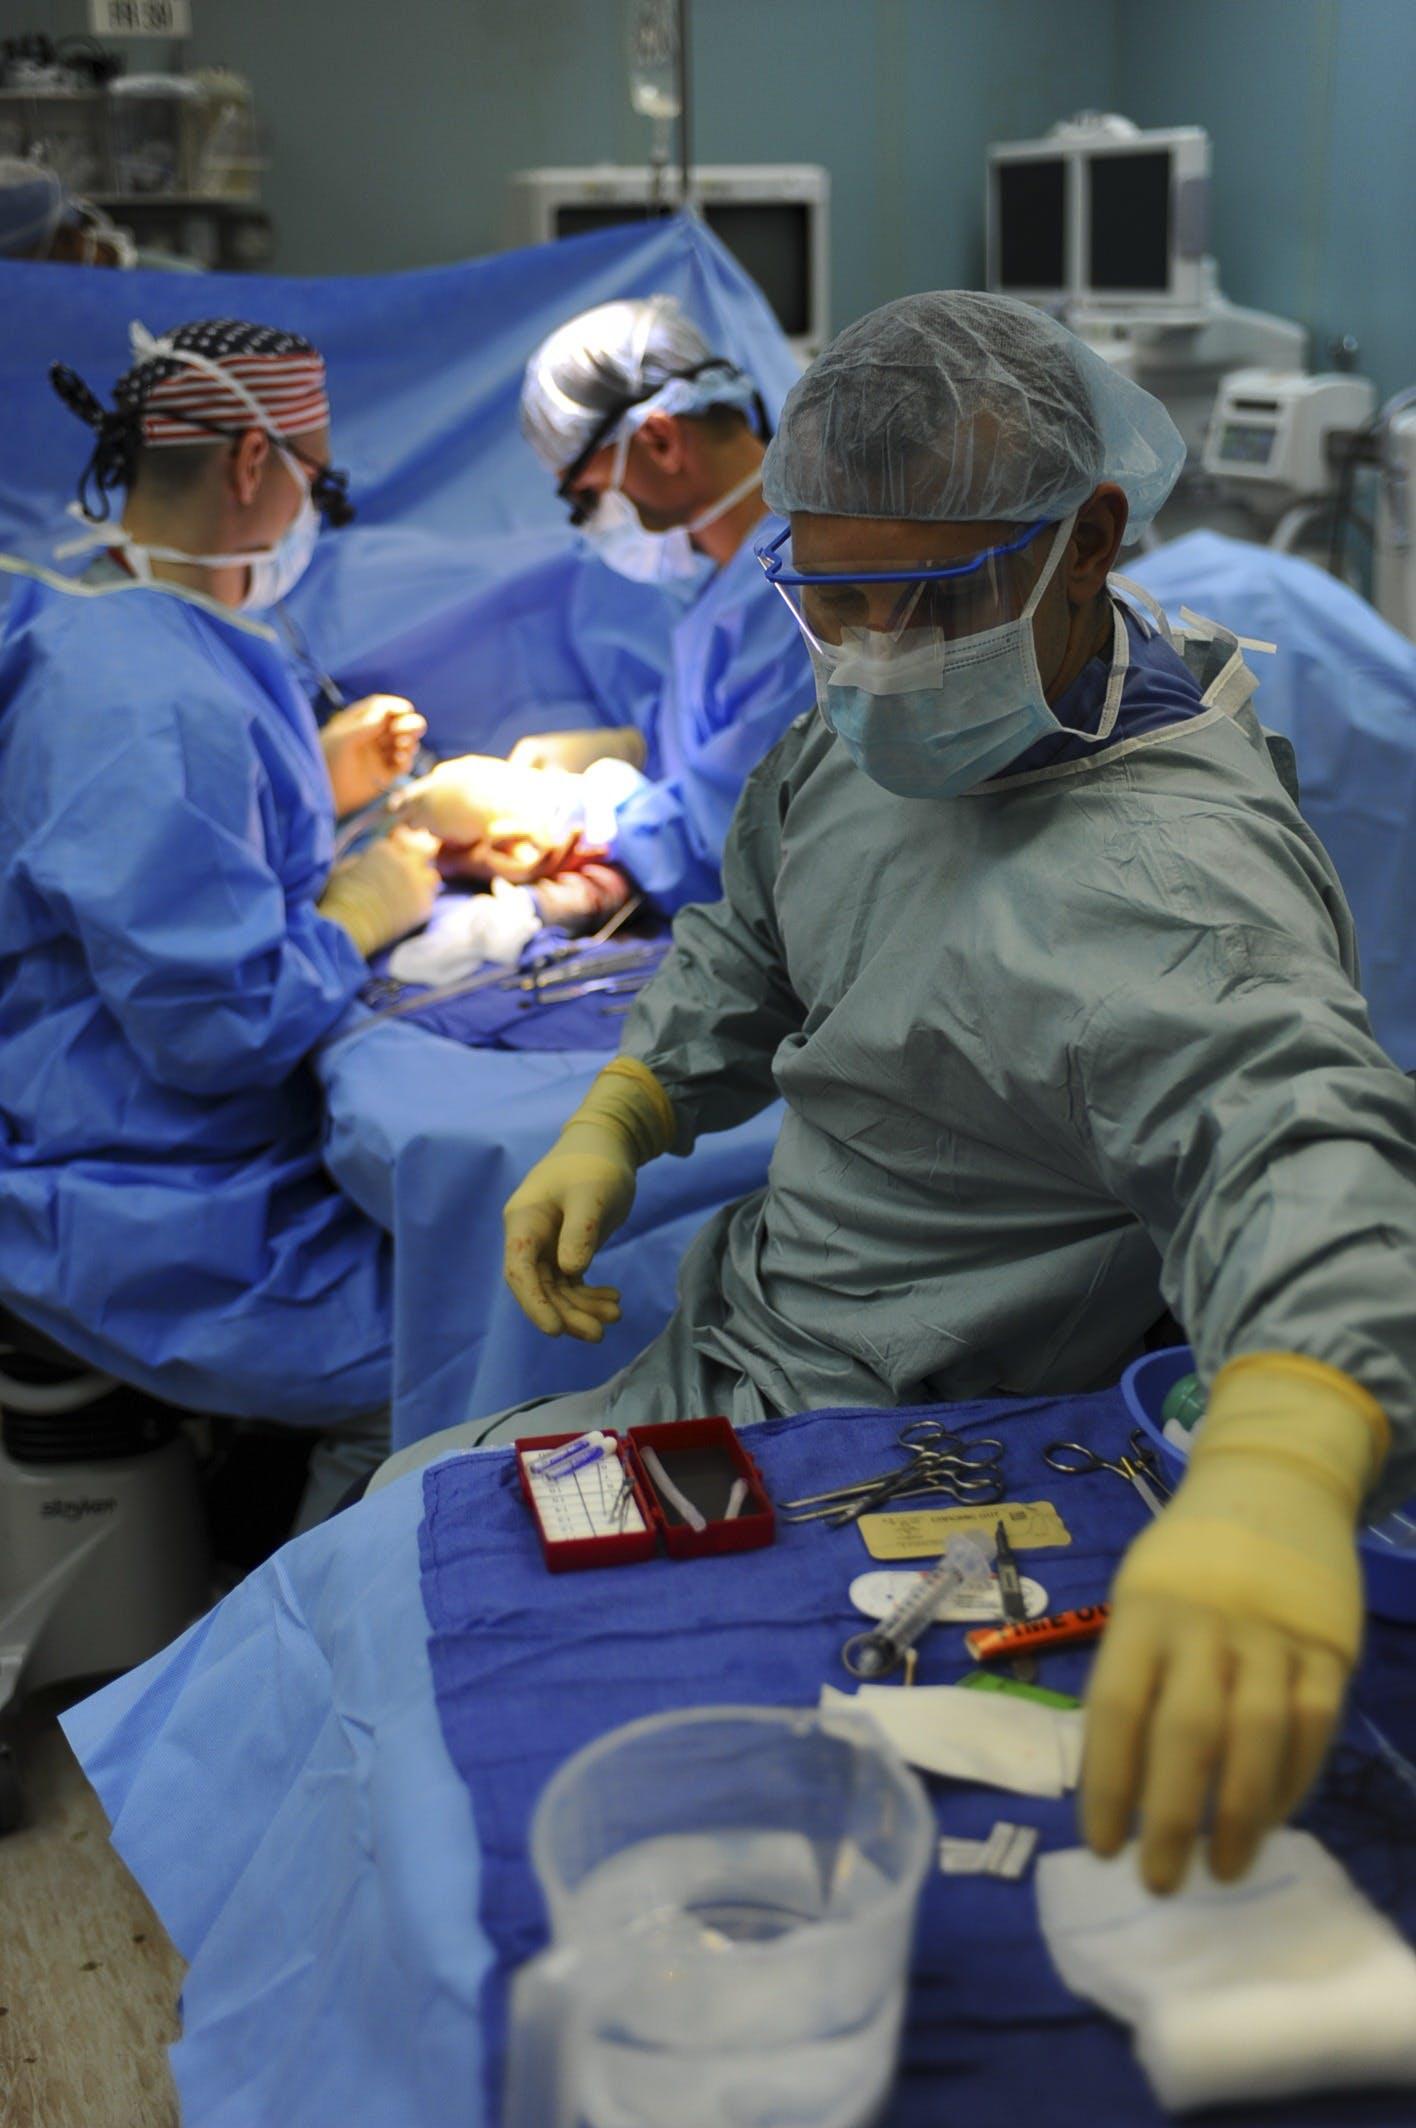 Kostenloses Stock Foto zu Ärzte, chirurg, drinnen, erwachsener